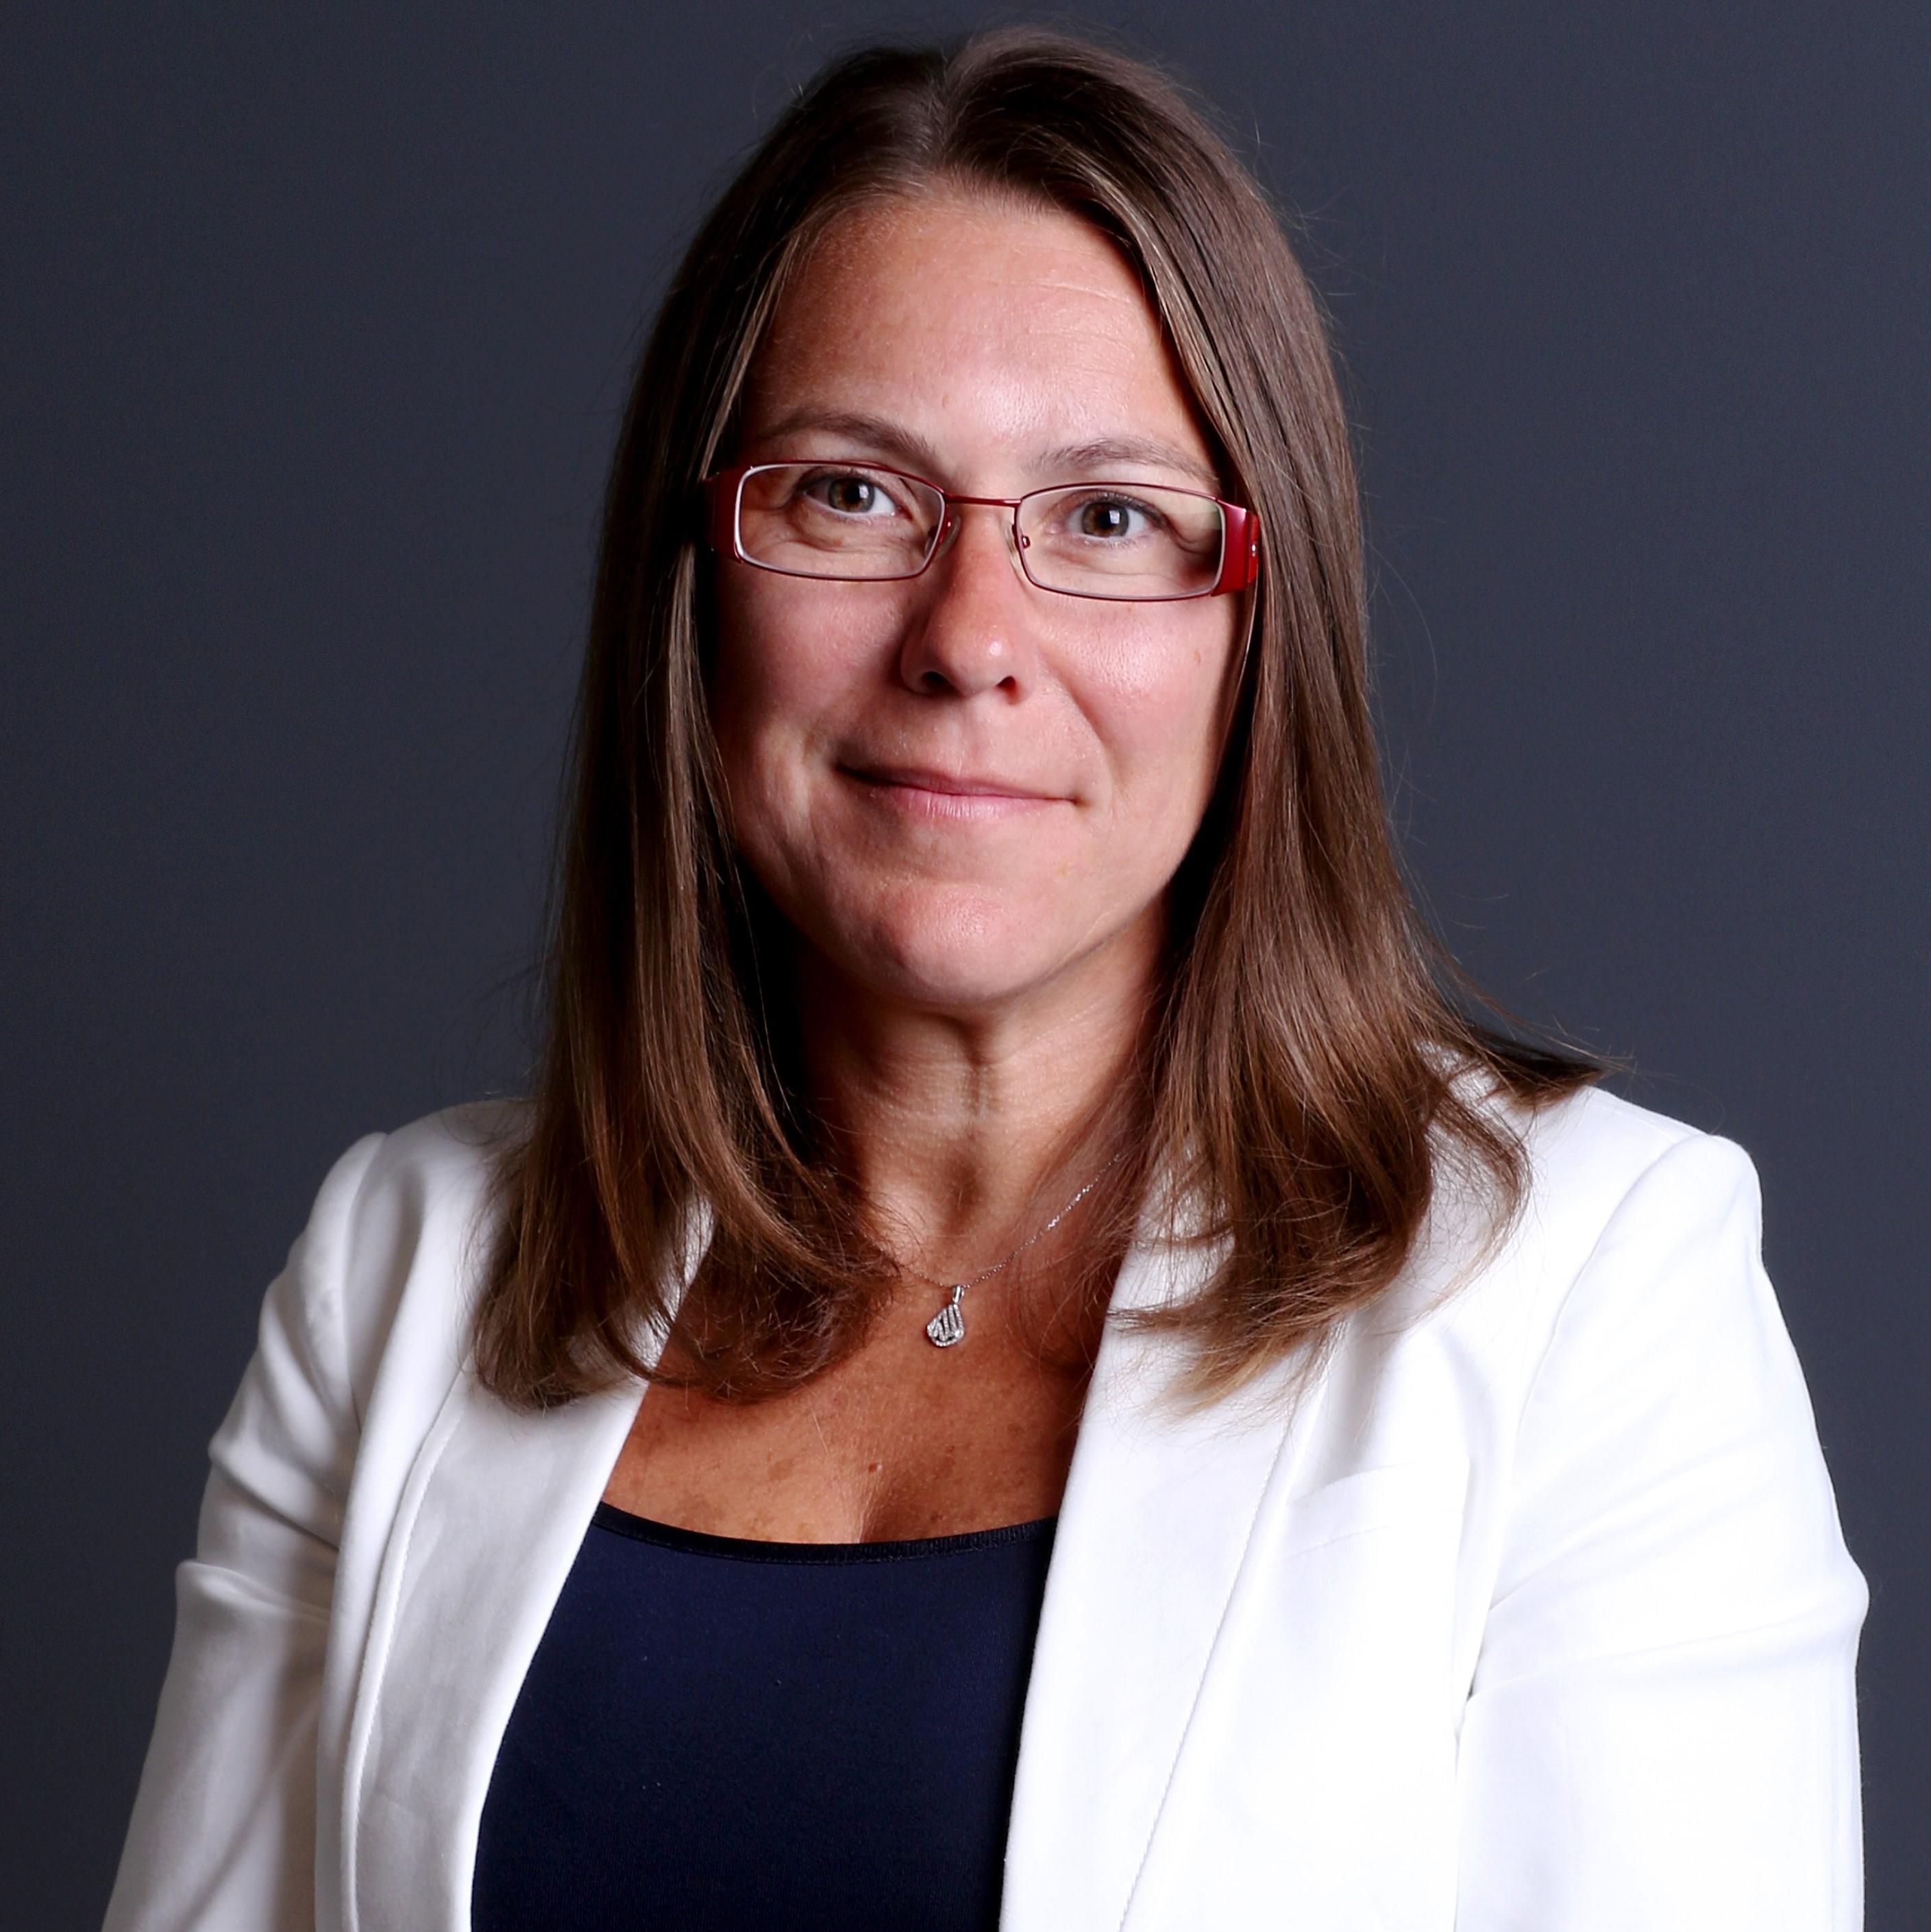 Professor Jaana